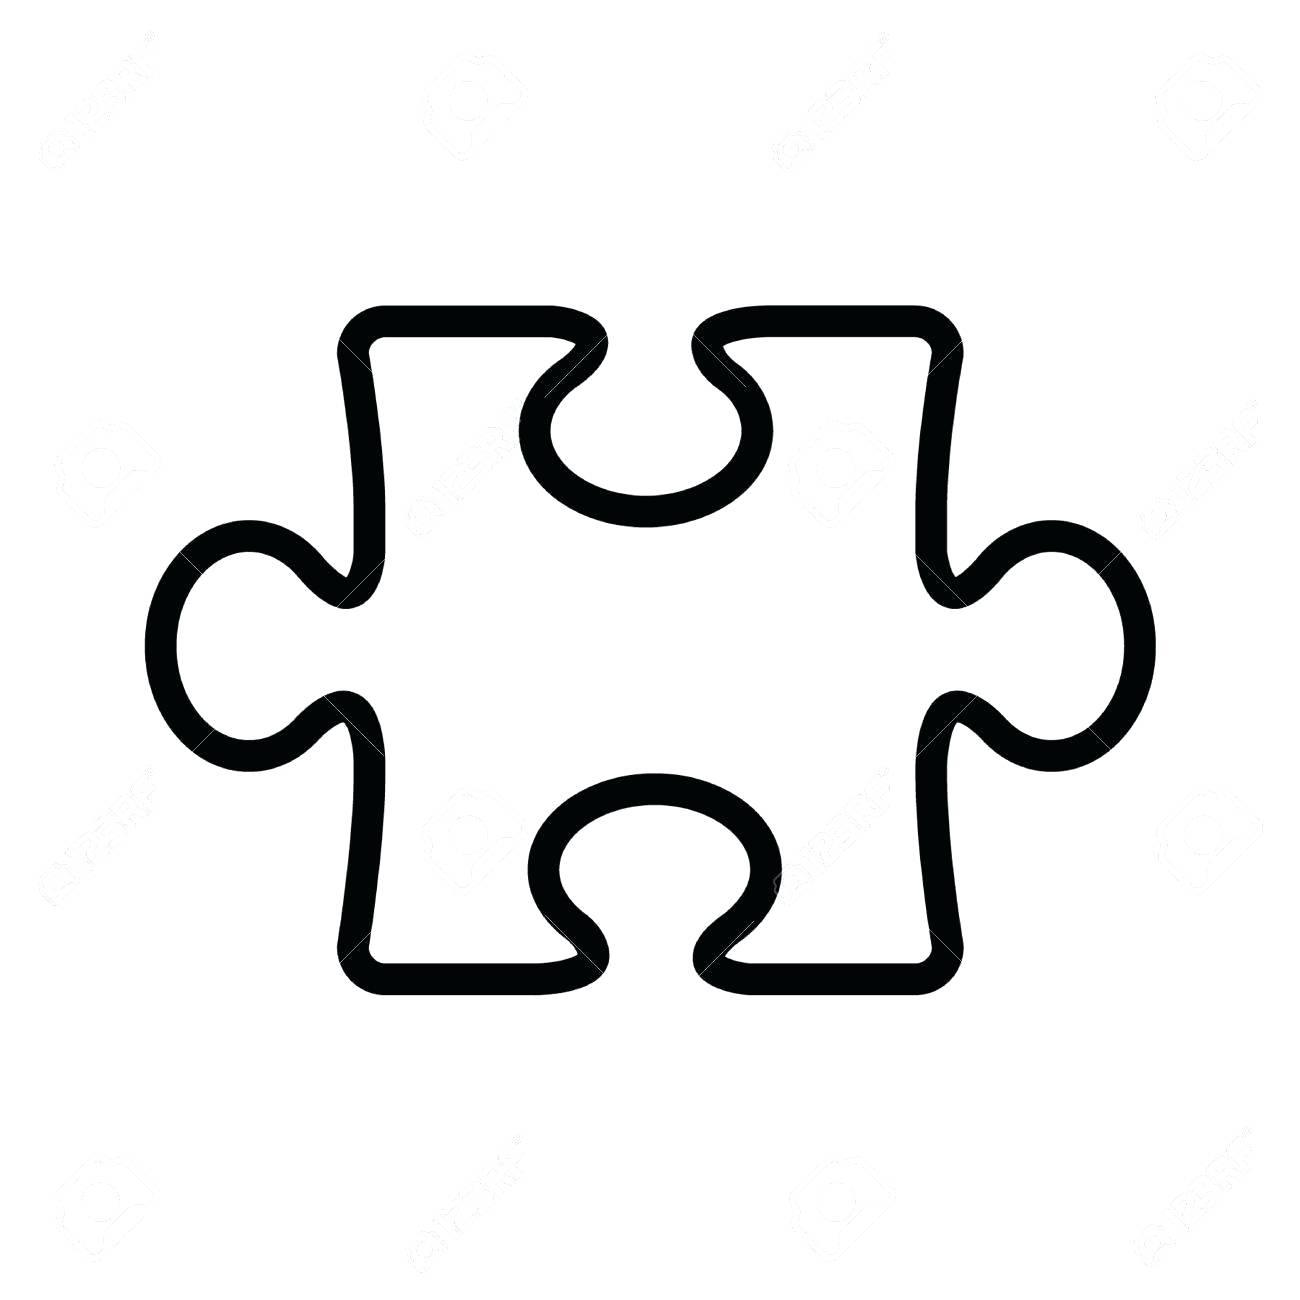 Puzzle Pieces Outline